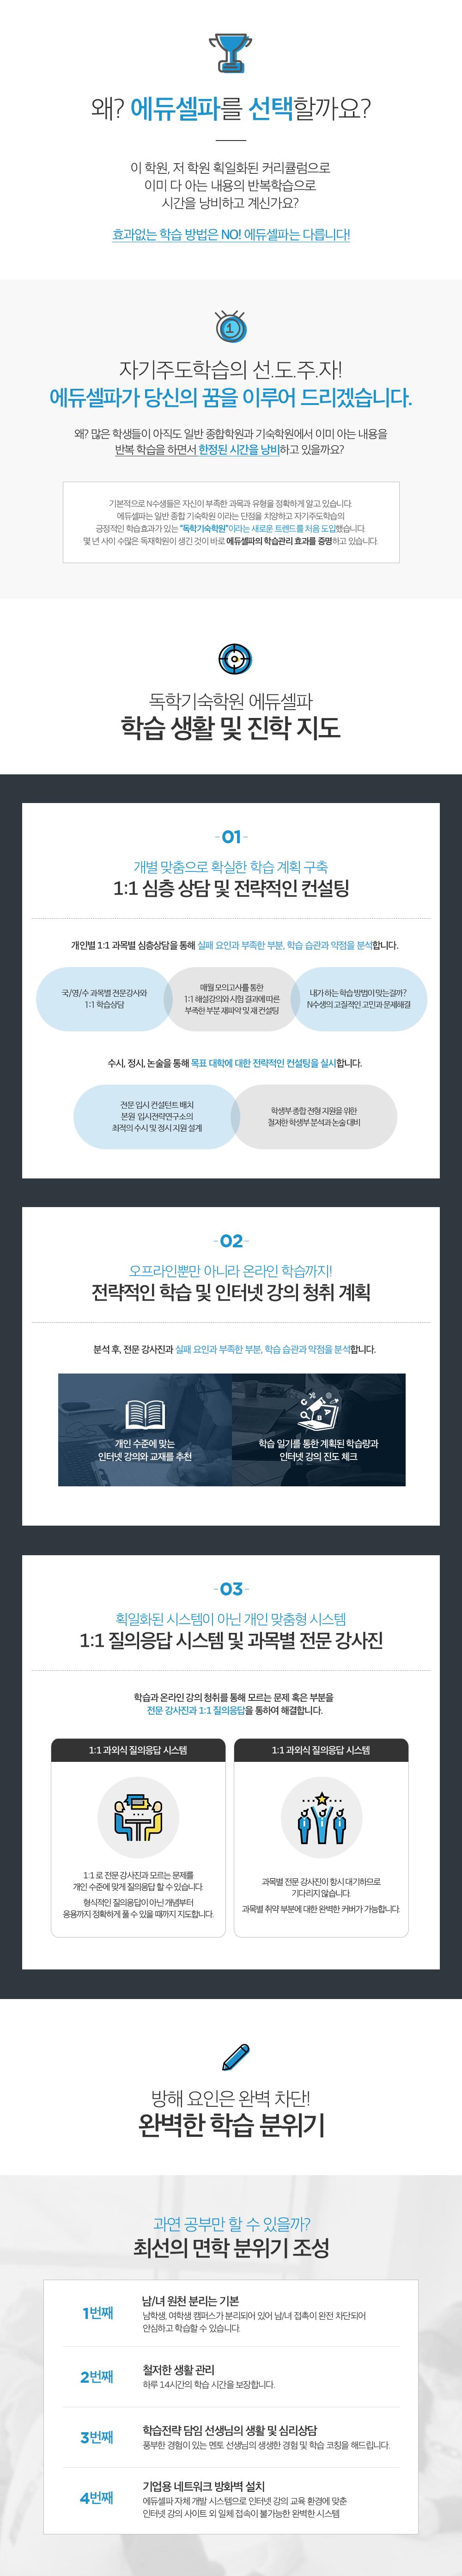 2019학년도 재수선행반 소개